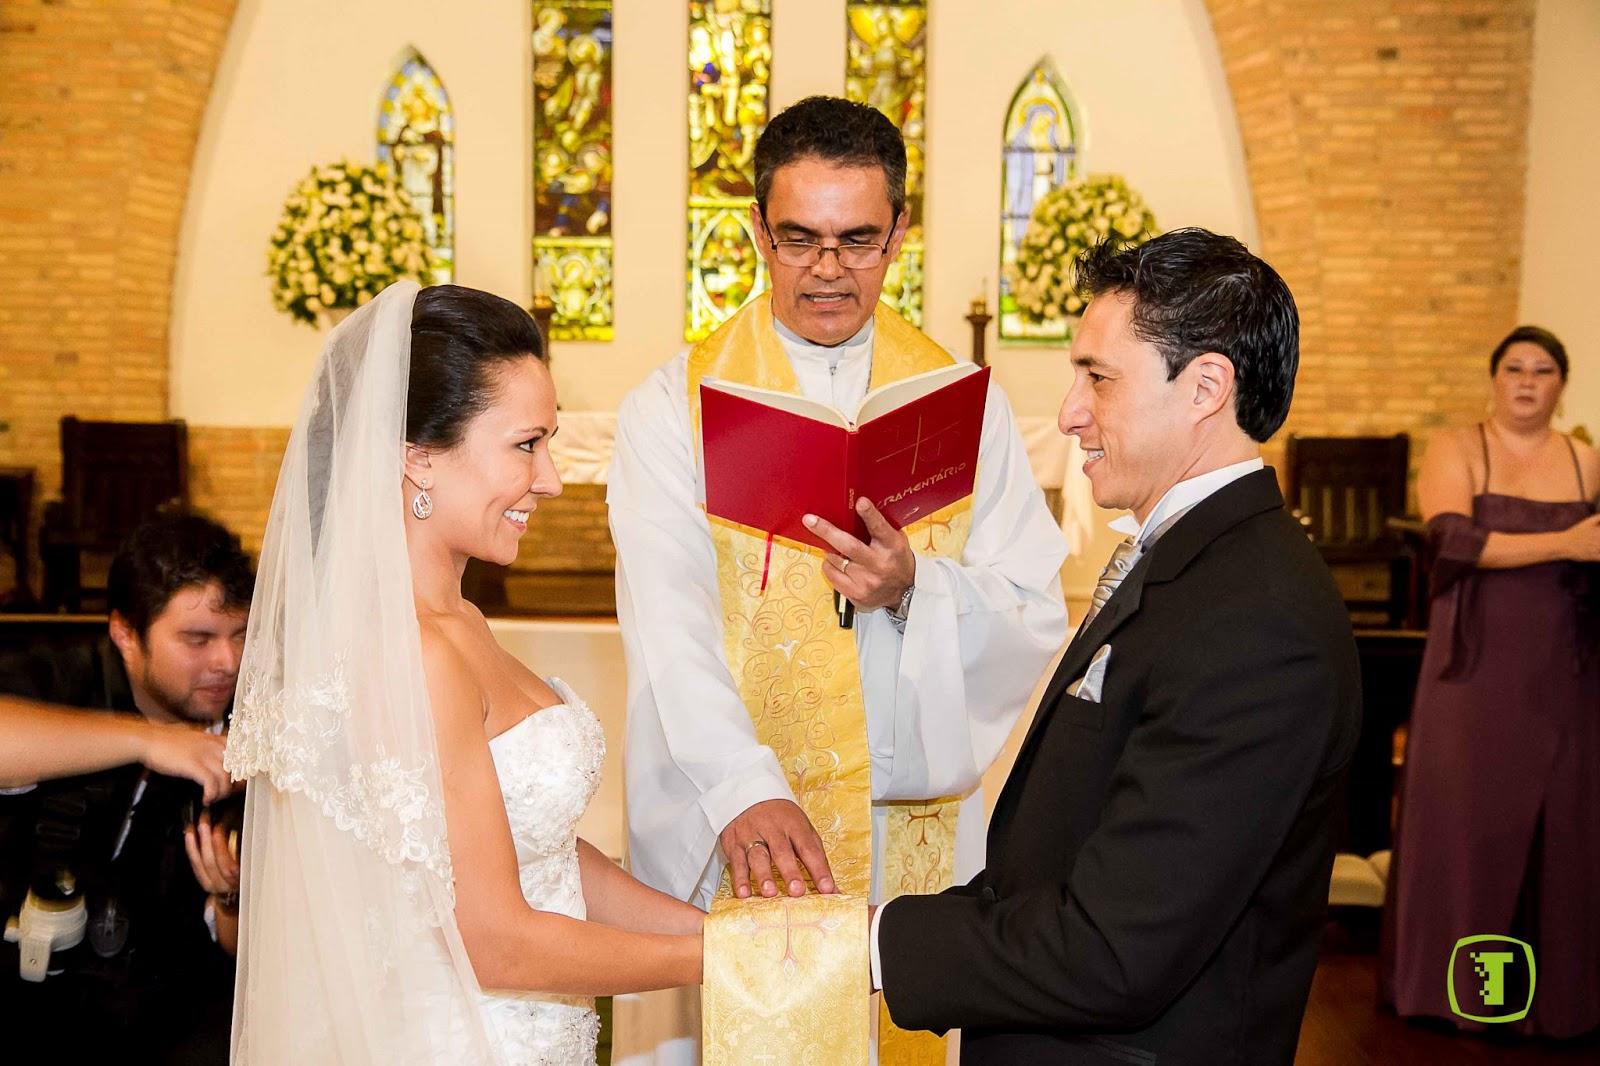 Matrimonio Religioso Biblia : Juntos para sempre sua cerimÔnia de casamento perguntas